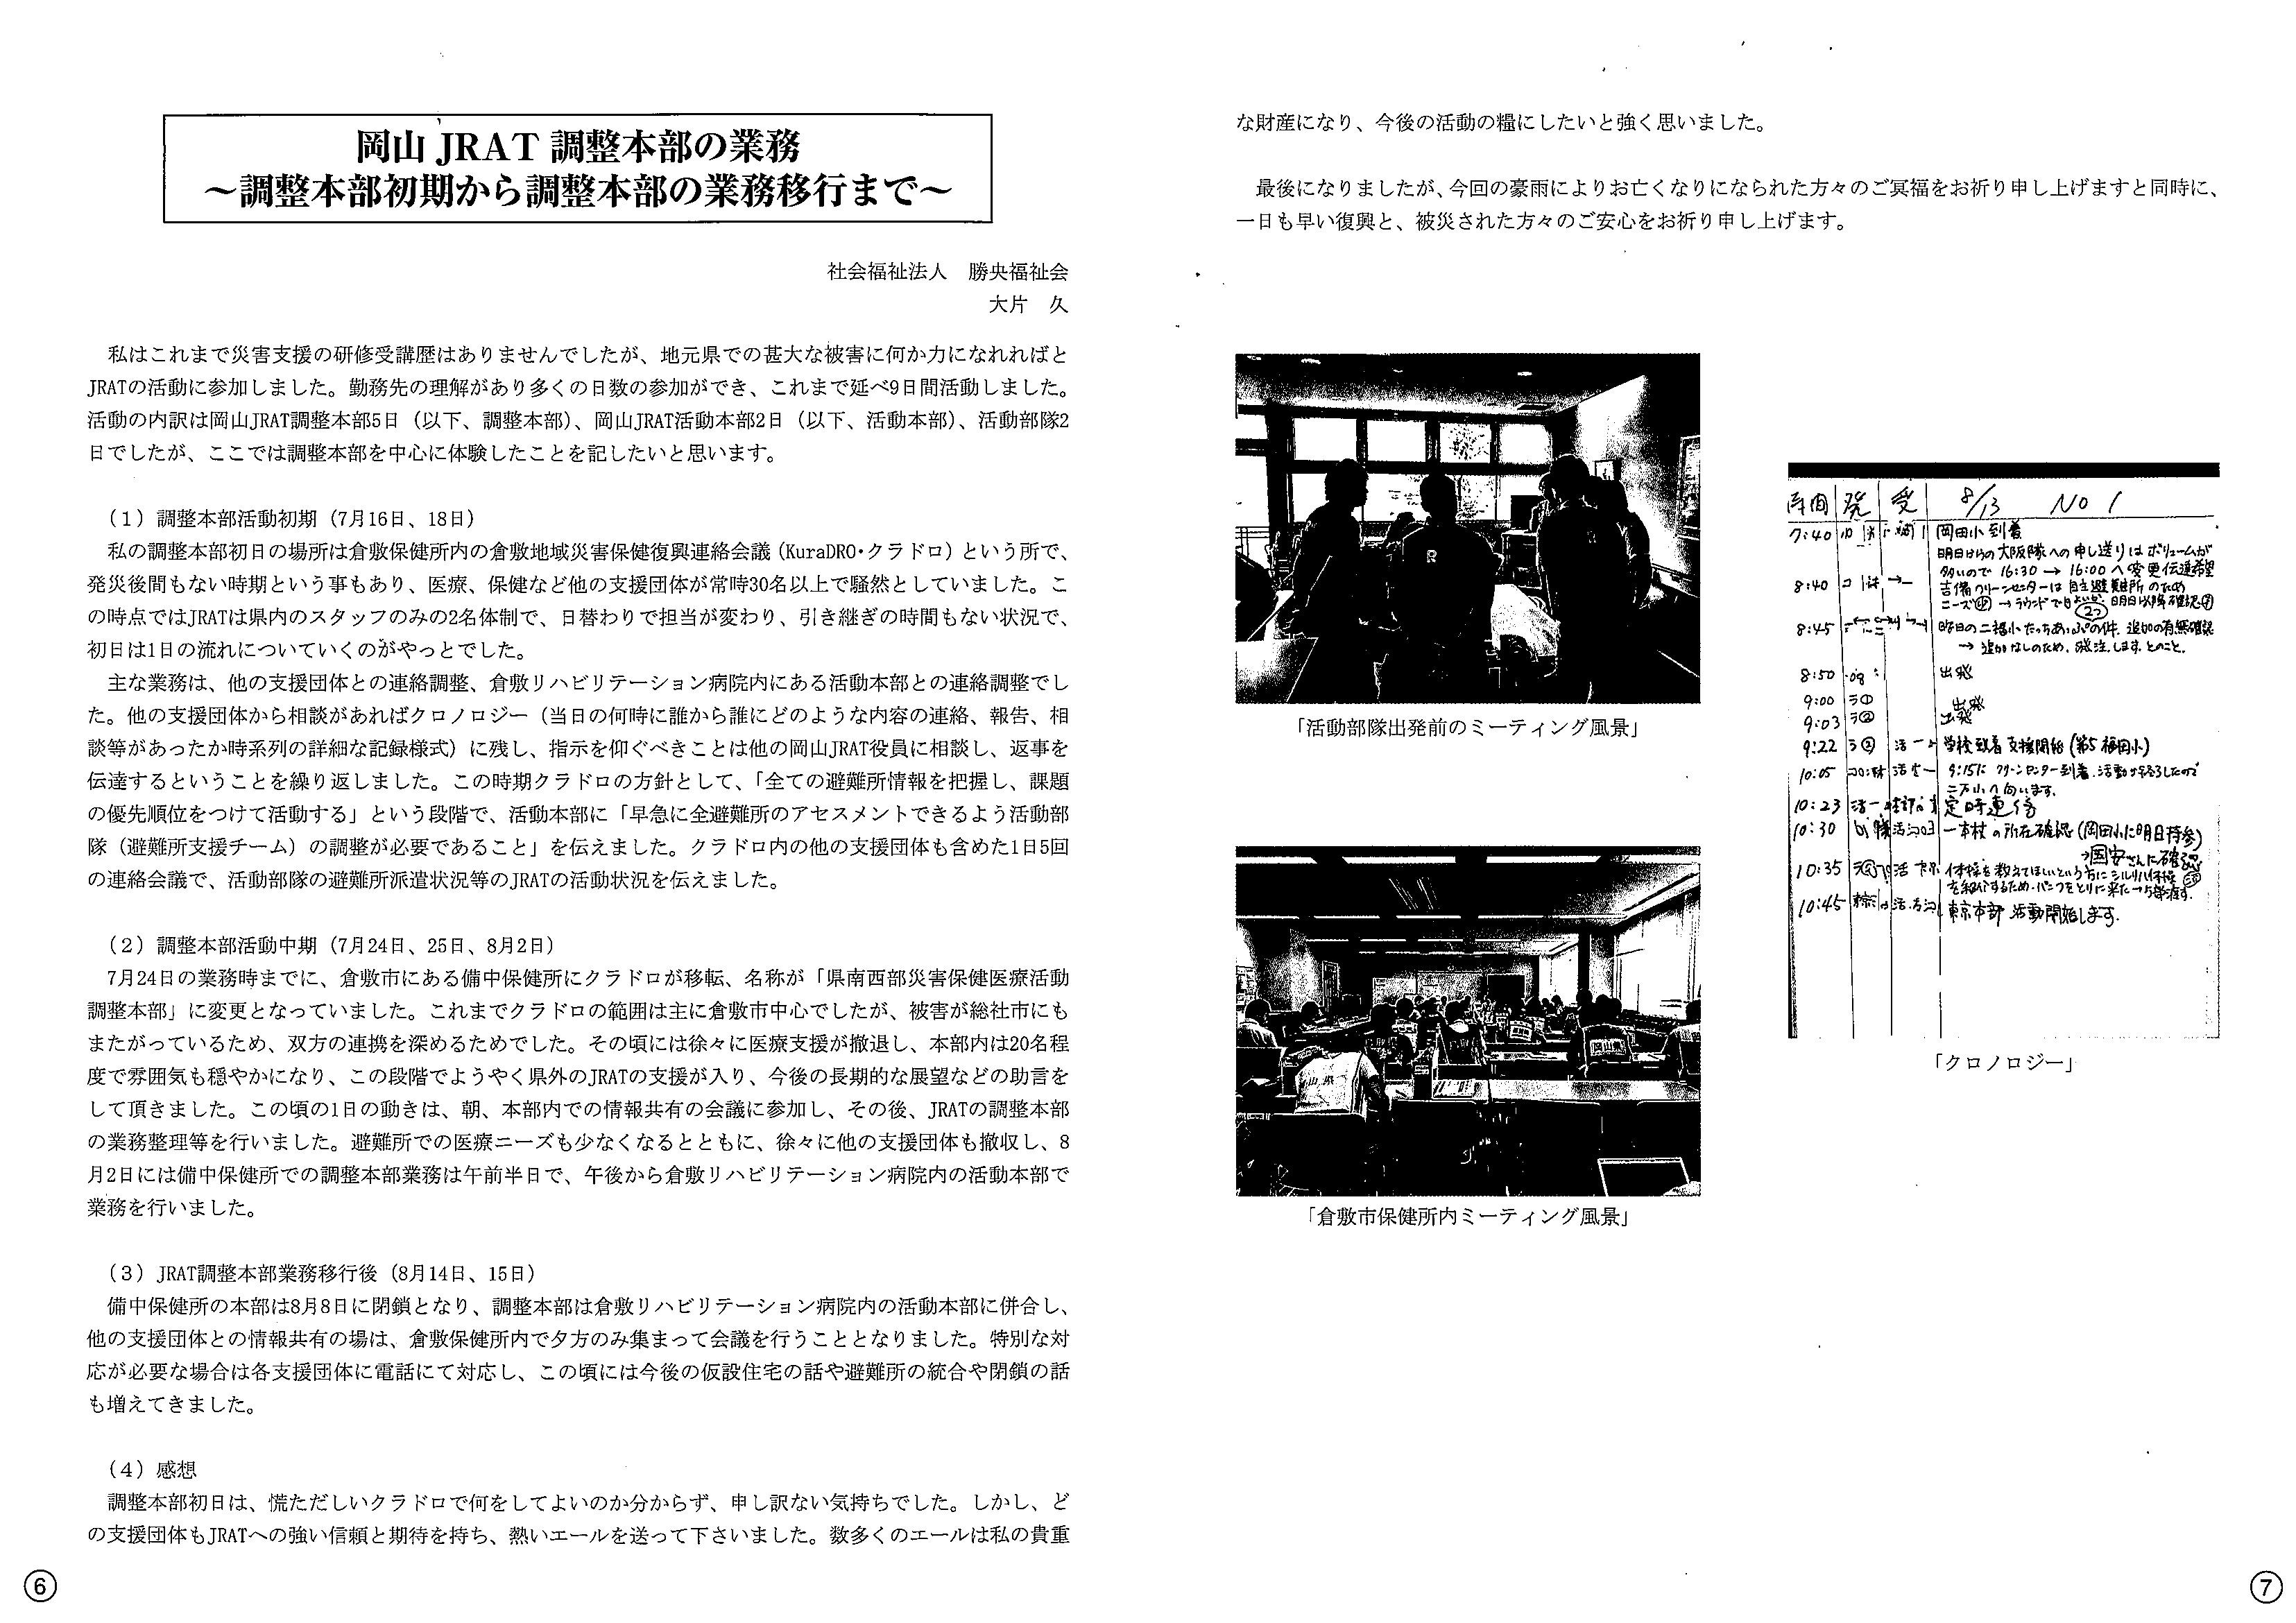 西日本豪雨災害の支援活動報告⑥ ー活動を振り返ってー